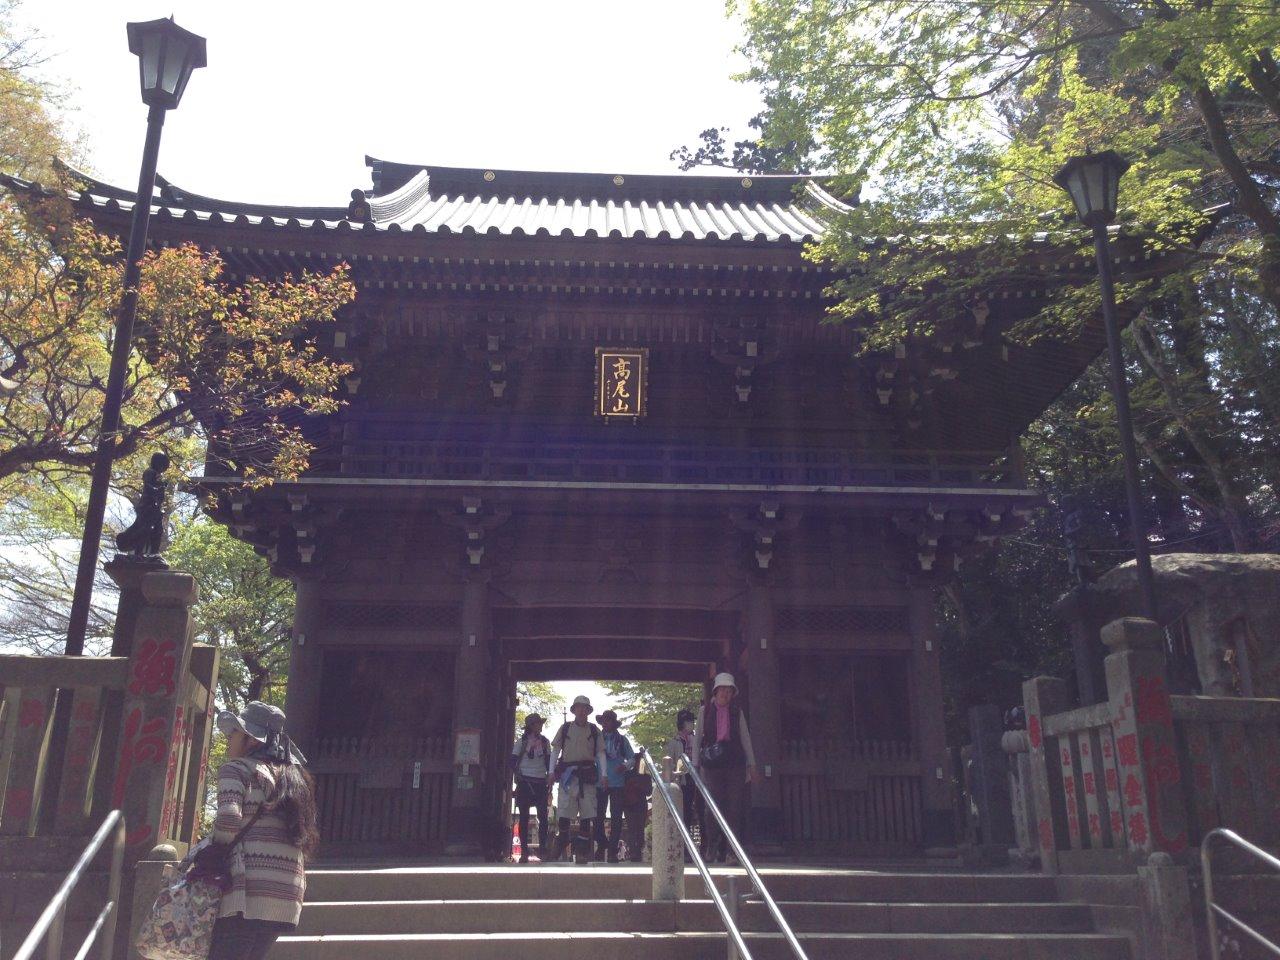 秋川温泉&高尾山 もうすぐ88歳の八重子さんと_f0019063_11573729.jpg